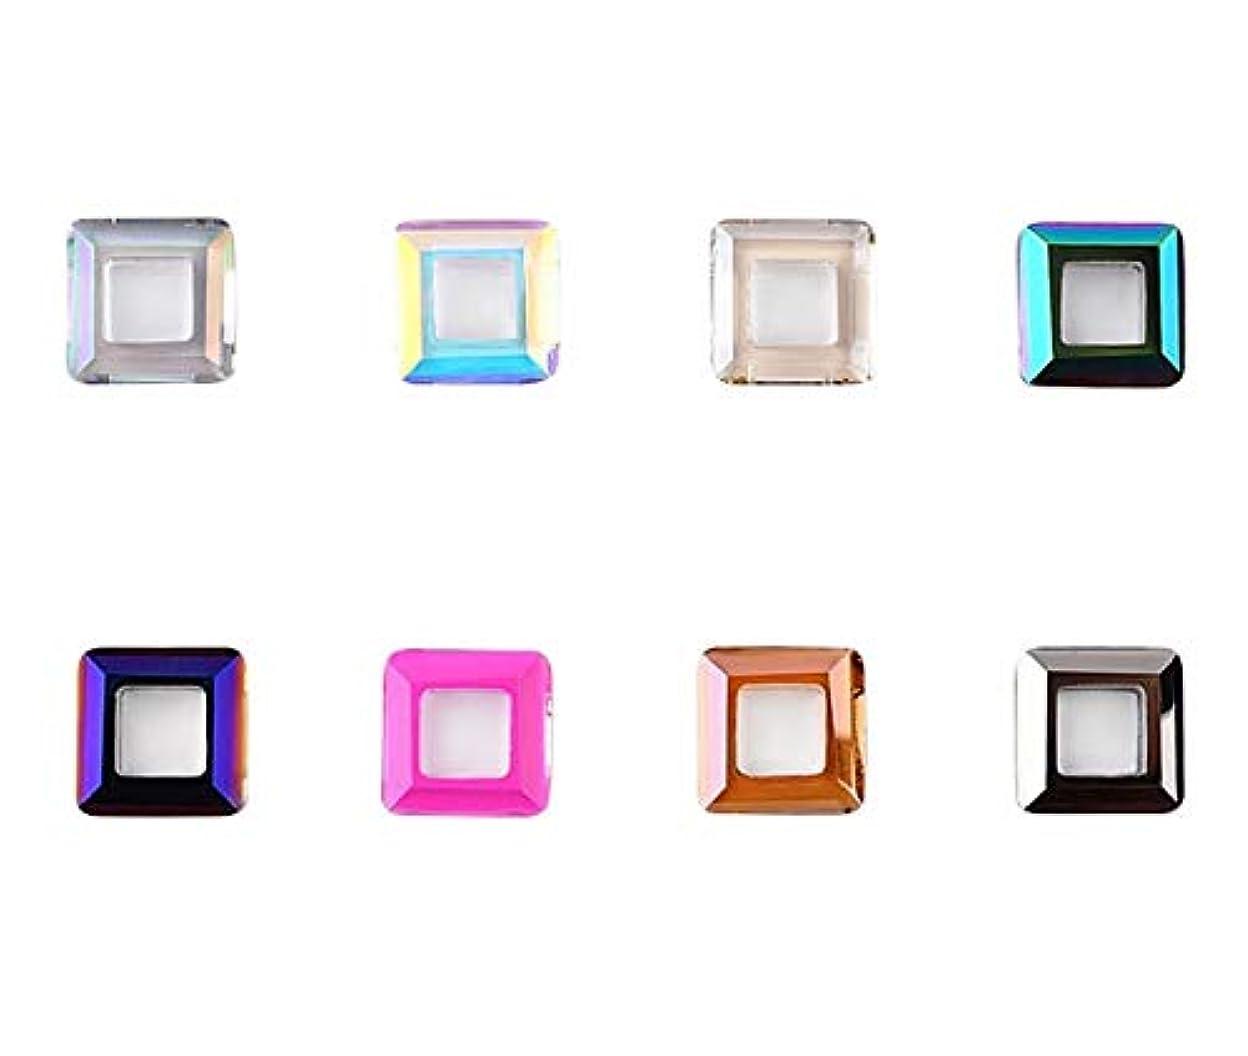 マスク三番時期尚早Tianmey ネイルアートクラフト用ガラスクリスタルラインストーン、クリスタル3Dデコレーションフラットバック・ストーンズ宝石広場